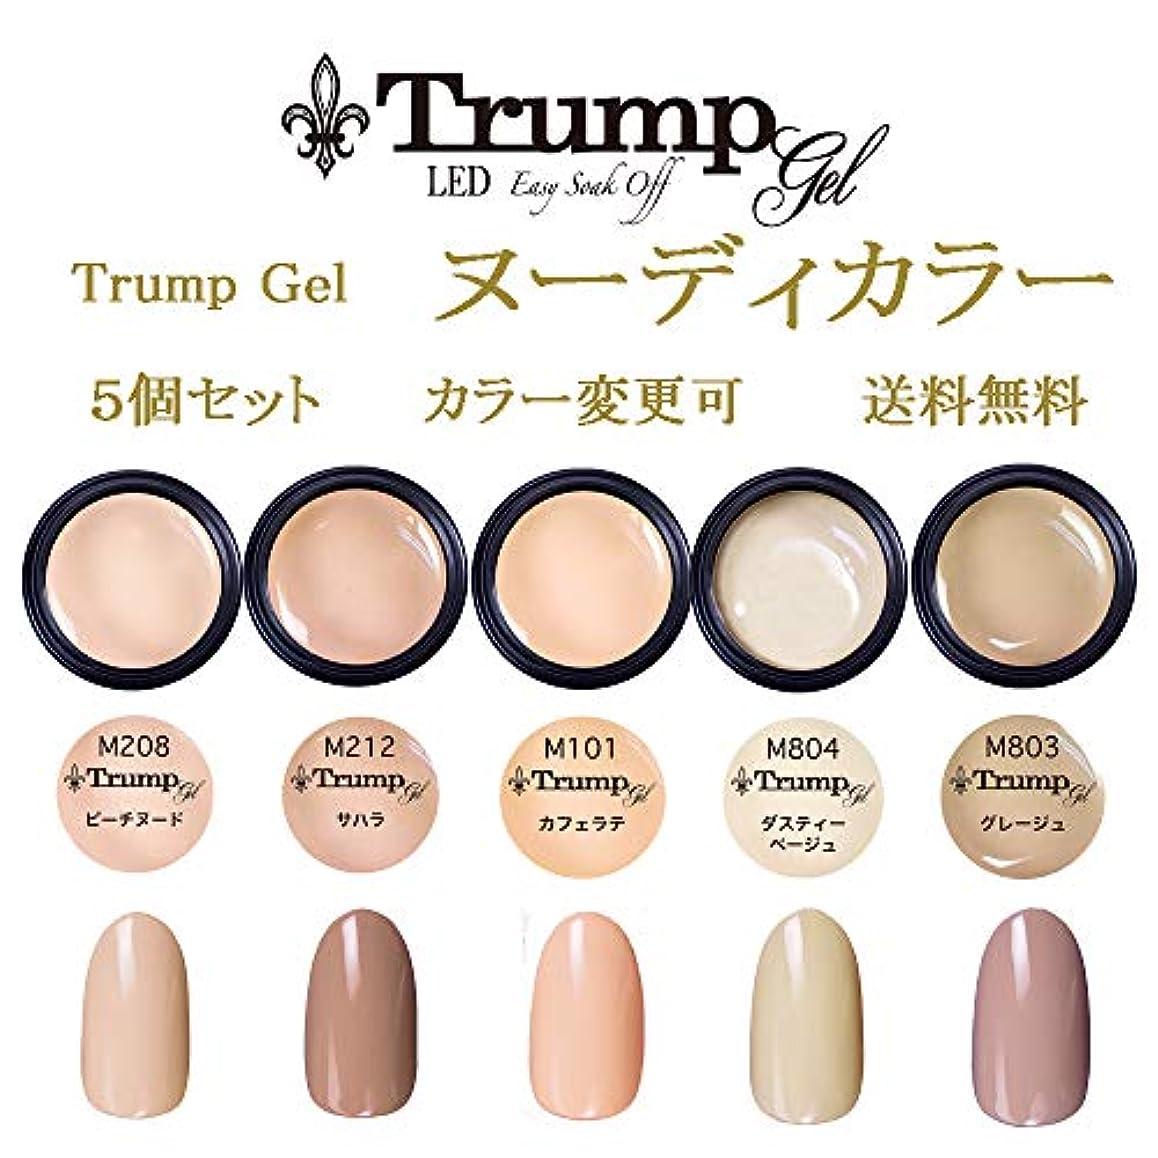 粘り強い煩わしい豆腐日本製 Trump gel トランプジェル ヌーディカラー 選べる カラージェル 5個セット ベージュ ブラウン ピンク